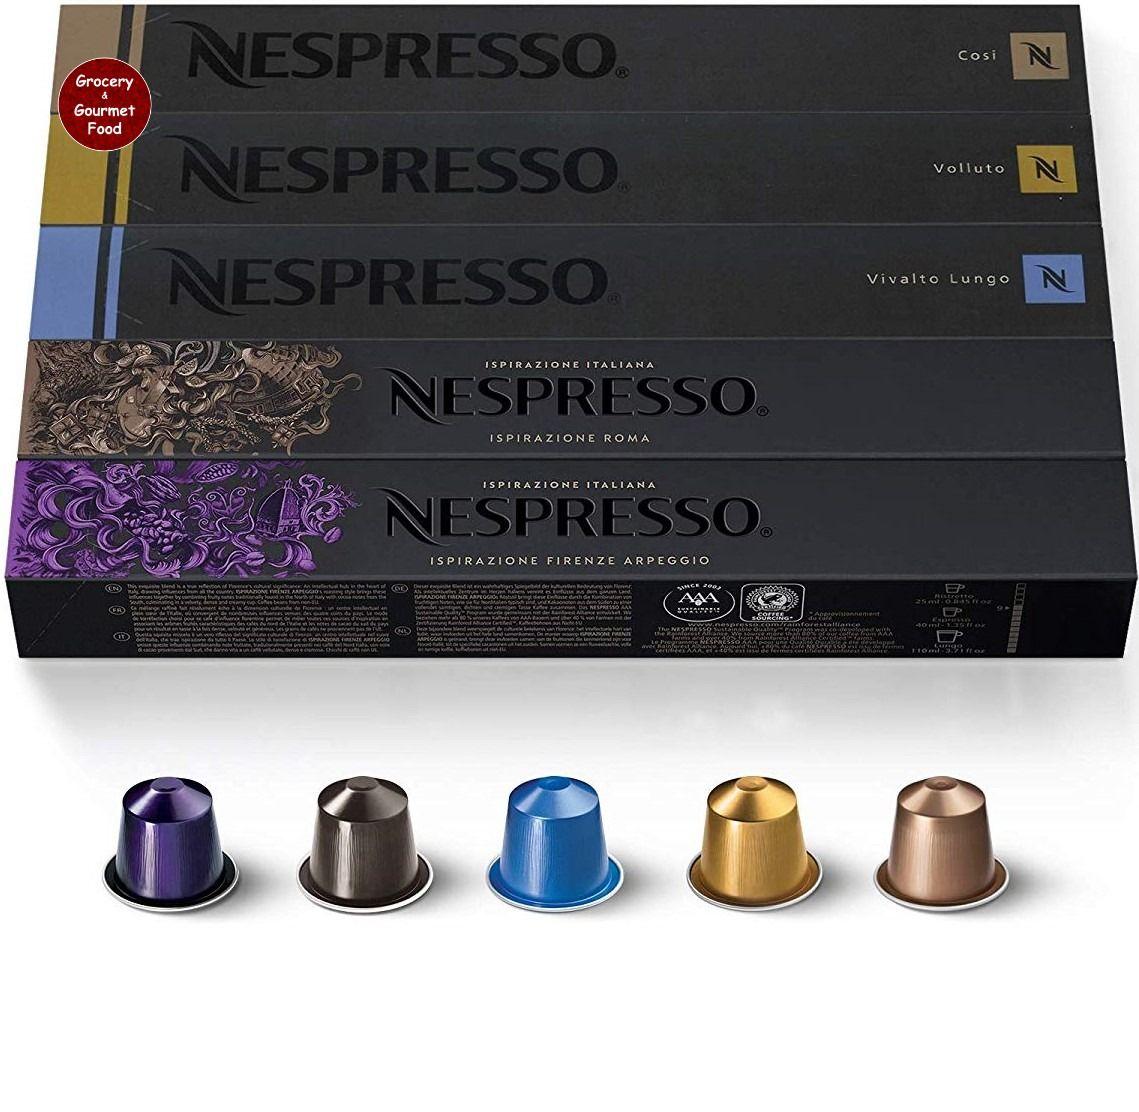 Nespresso Capsules Originalline Variety Pack From Mild To Medium